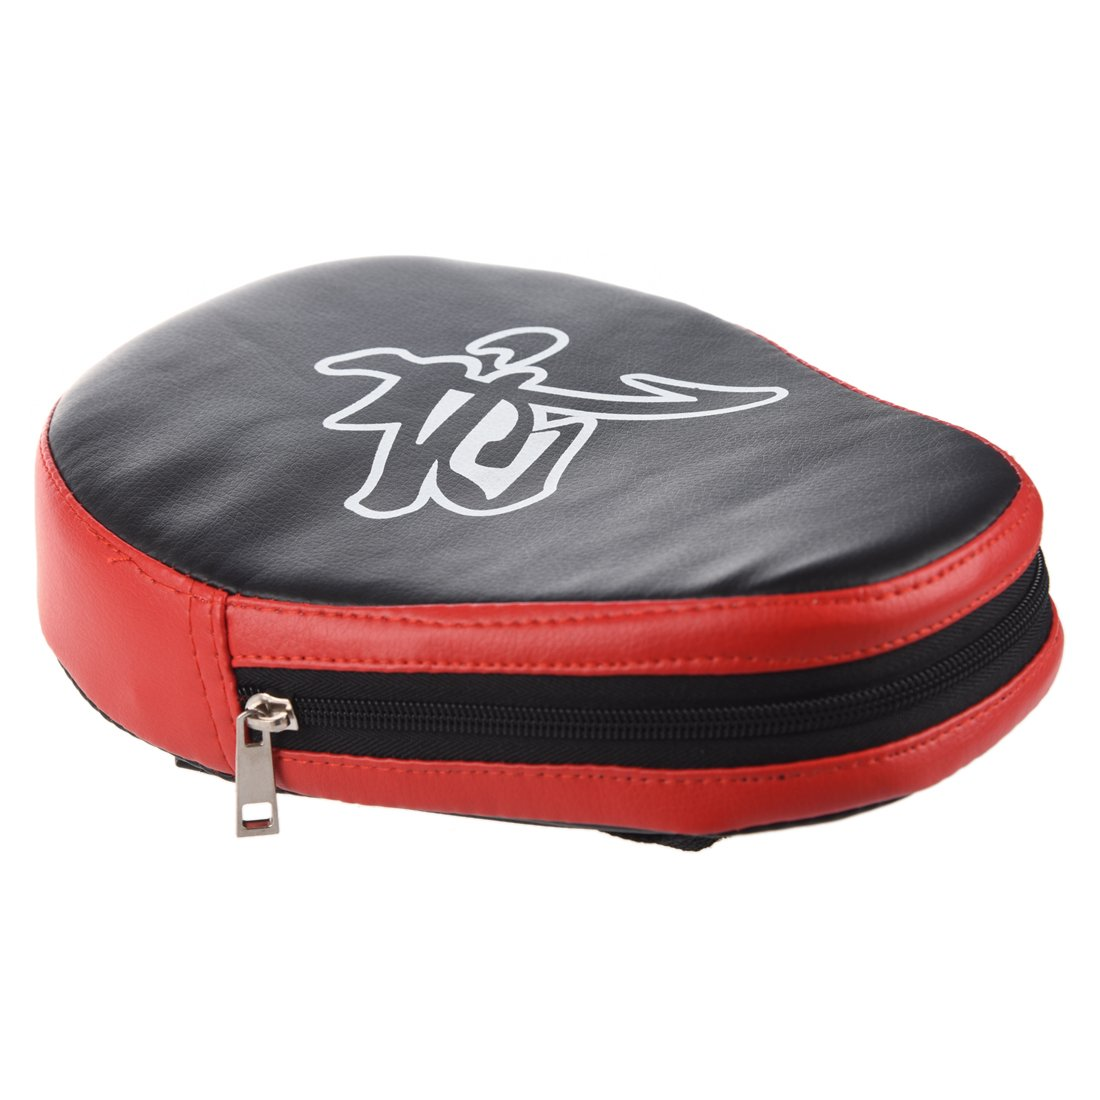 TOOGOO(R) - Guante de enfoque para entrenamiento de boxeo, manopla acolchada para practicar ganchos, golpes directos y patadas, de sparring, ...